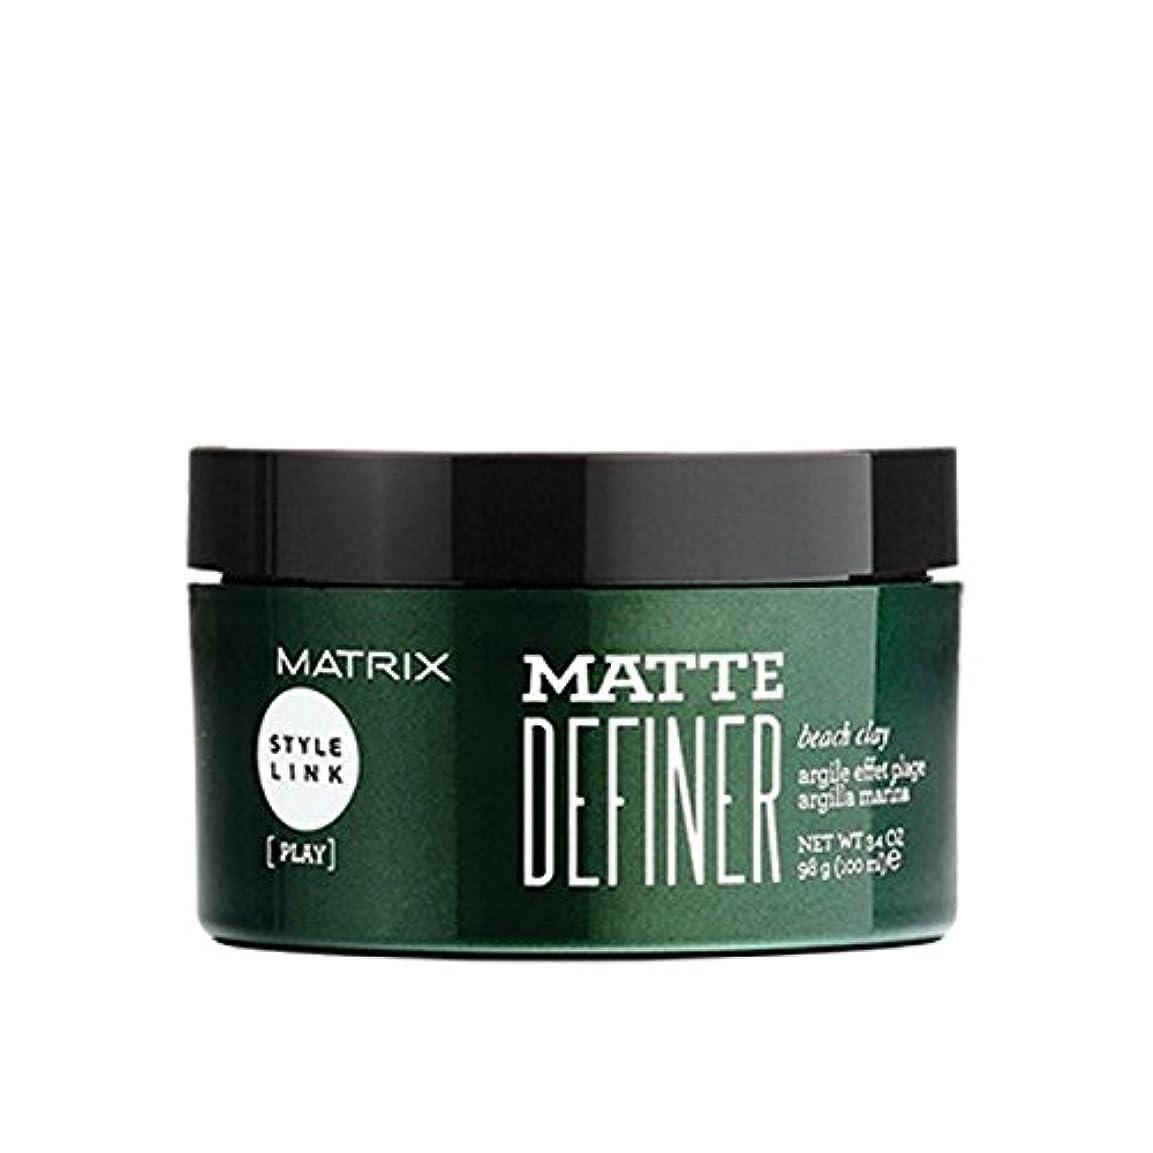 シリーズ必要とする有害Matrix Biolage Style Link Matte Definer Beach Clay (Pack of 6) - マトリックスバイオレイジスタイルリンクマット定義ビーチ粘土 x6 [並行輸入品]